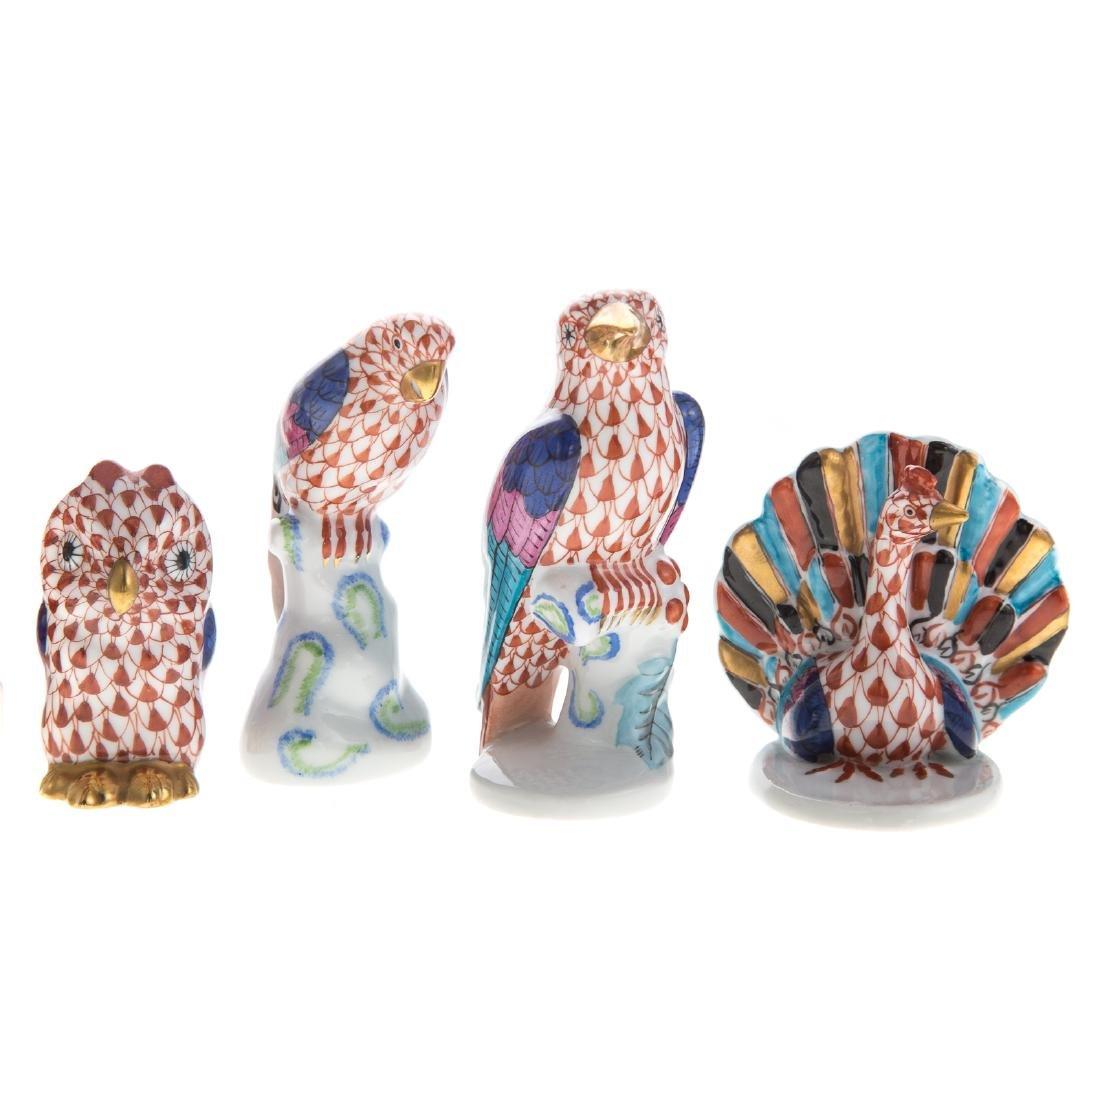 Seven Herend porcelain birds - 2